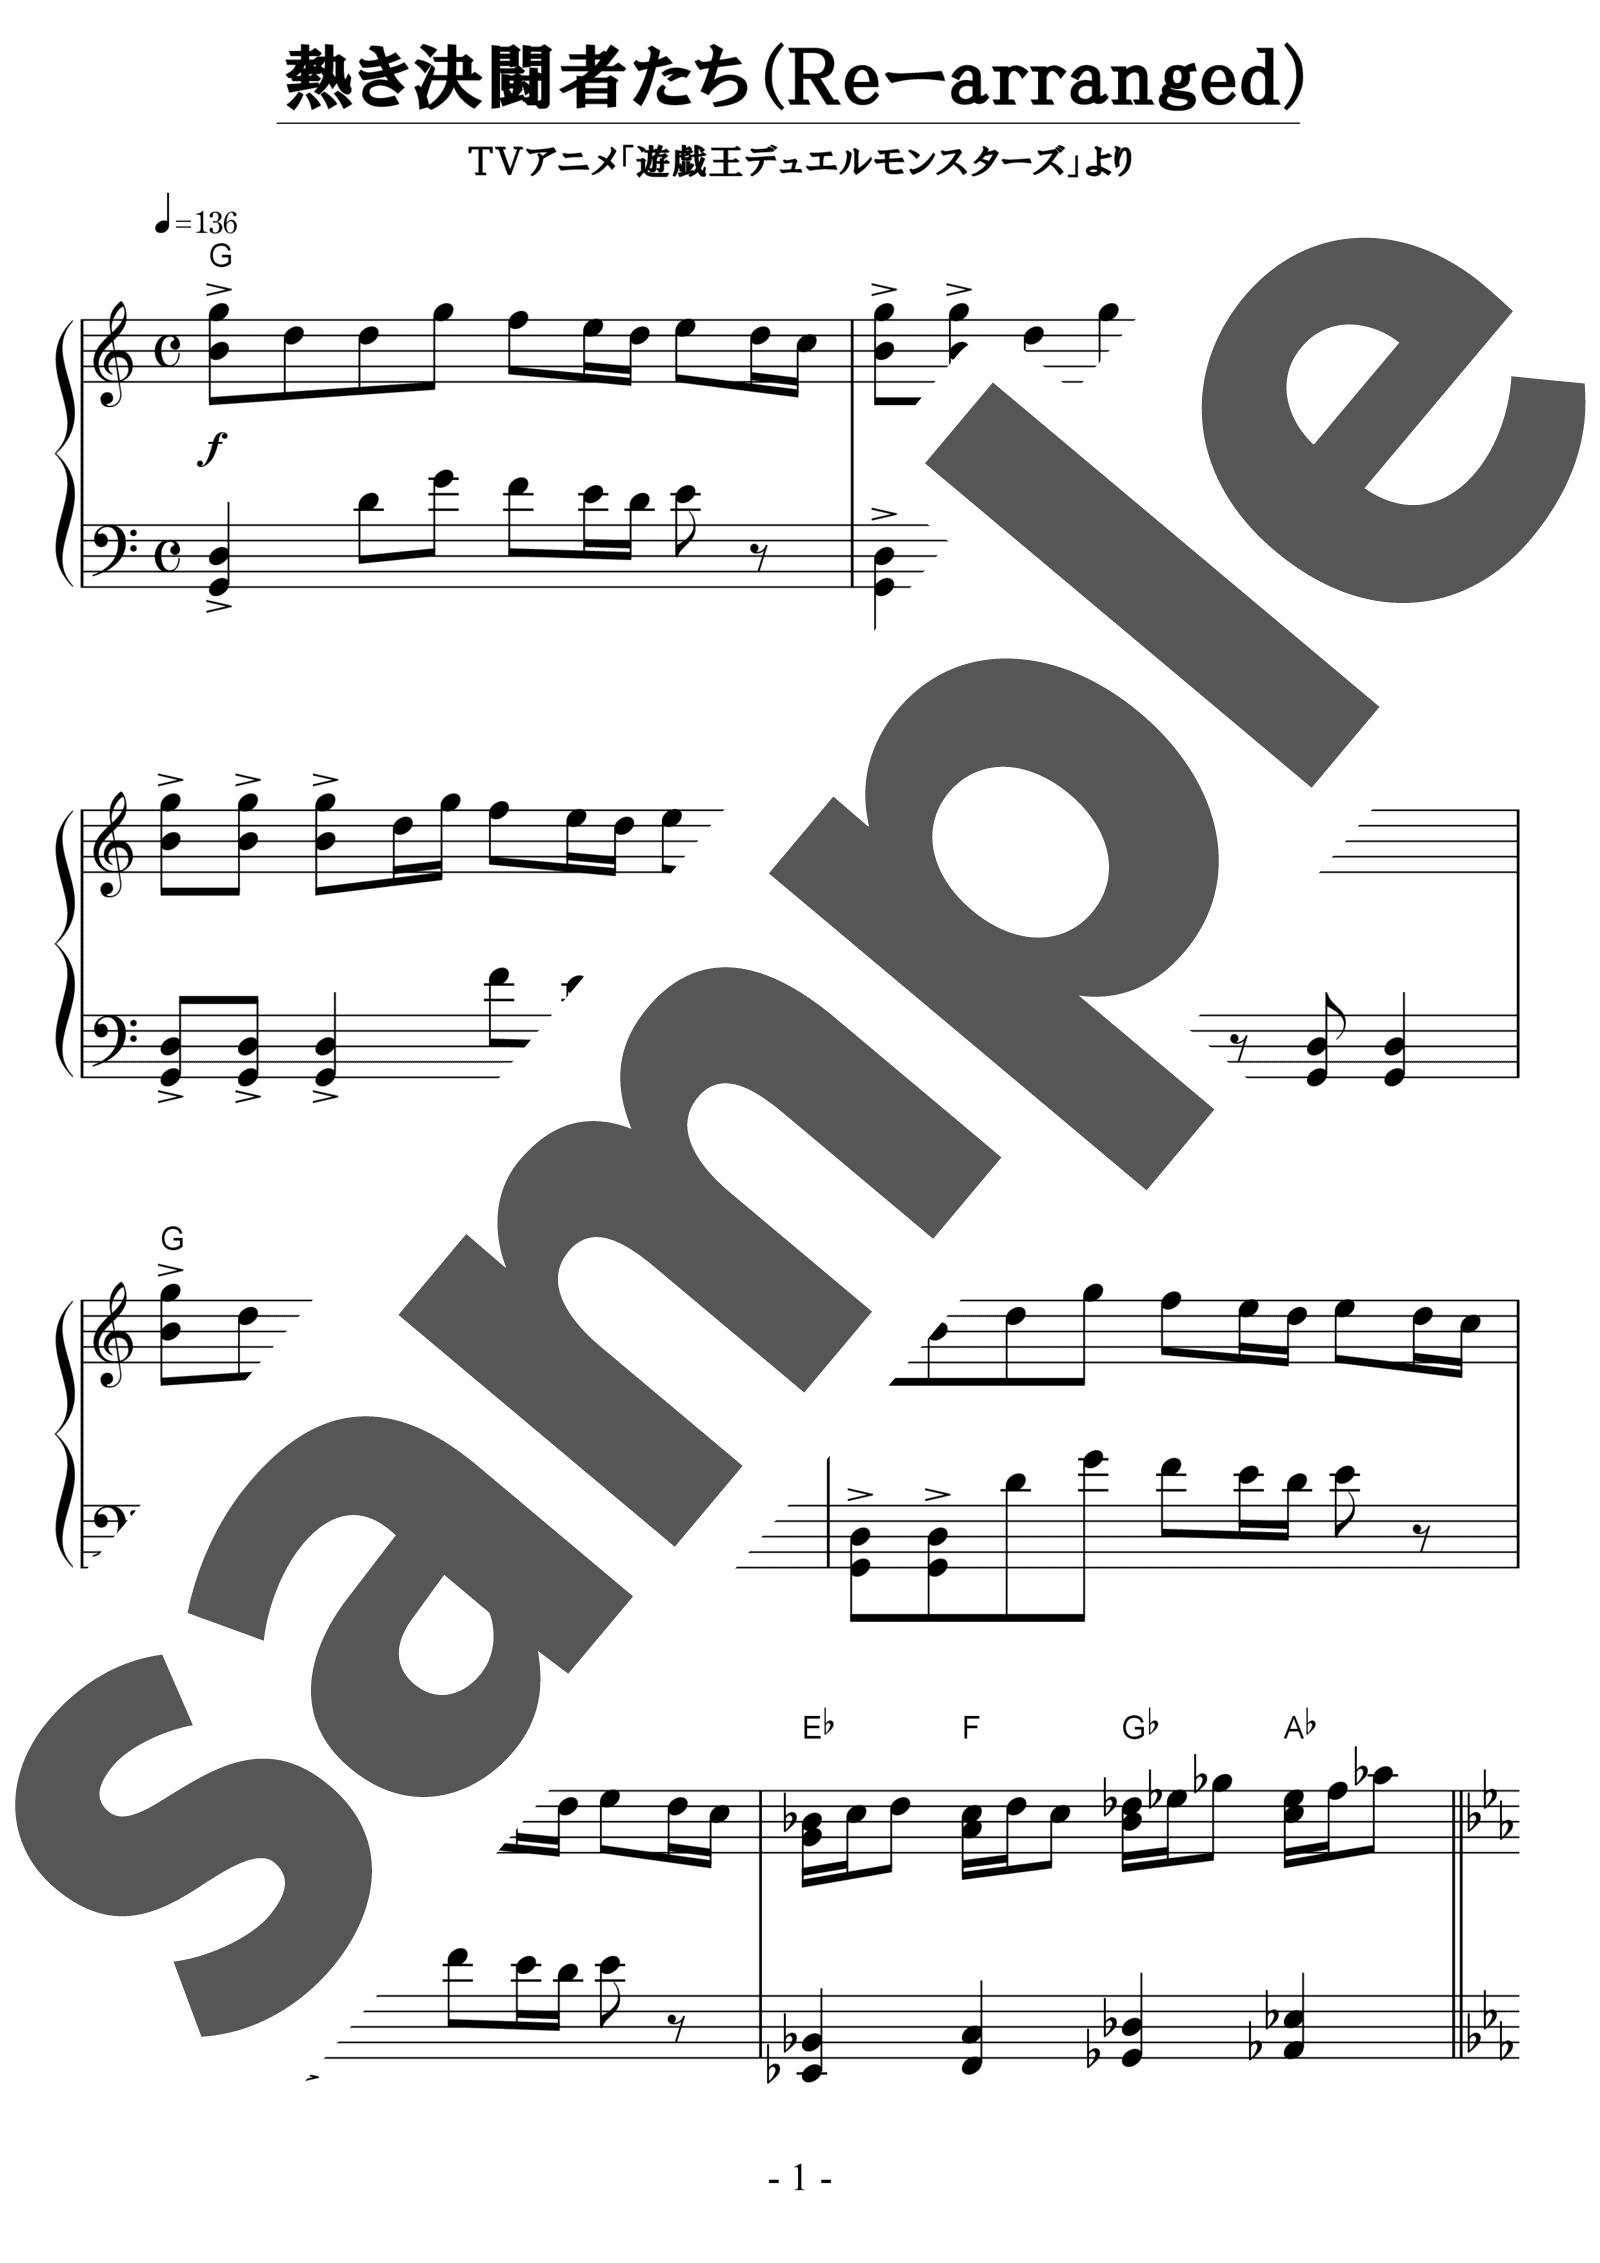 「熱き決闘者たち」のサンプル楽譜